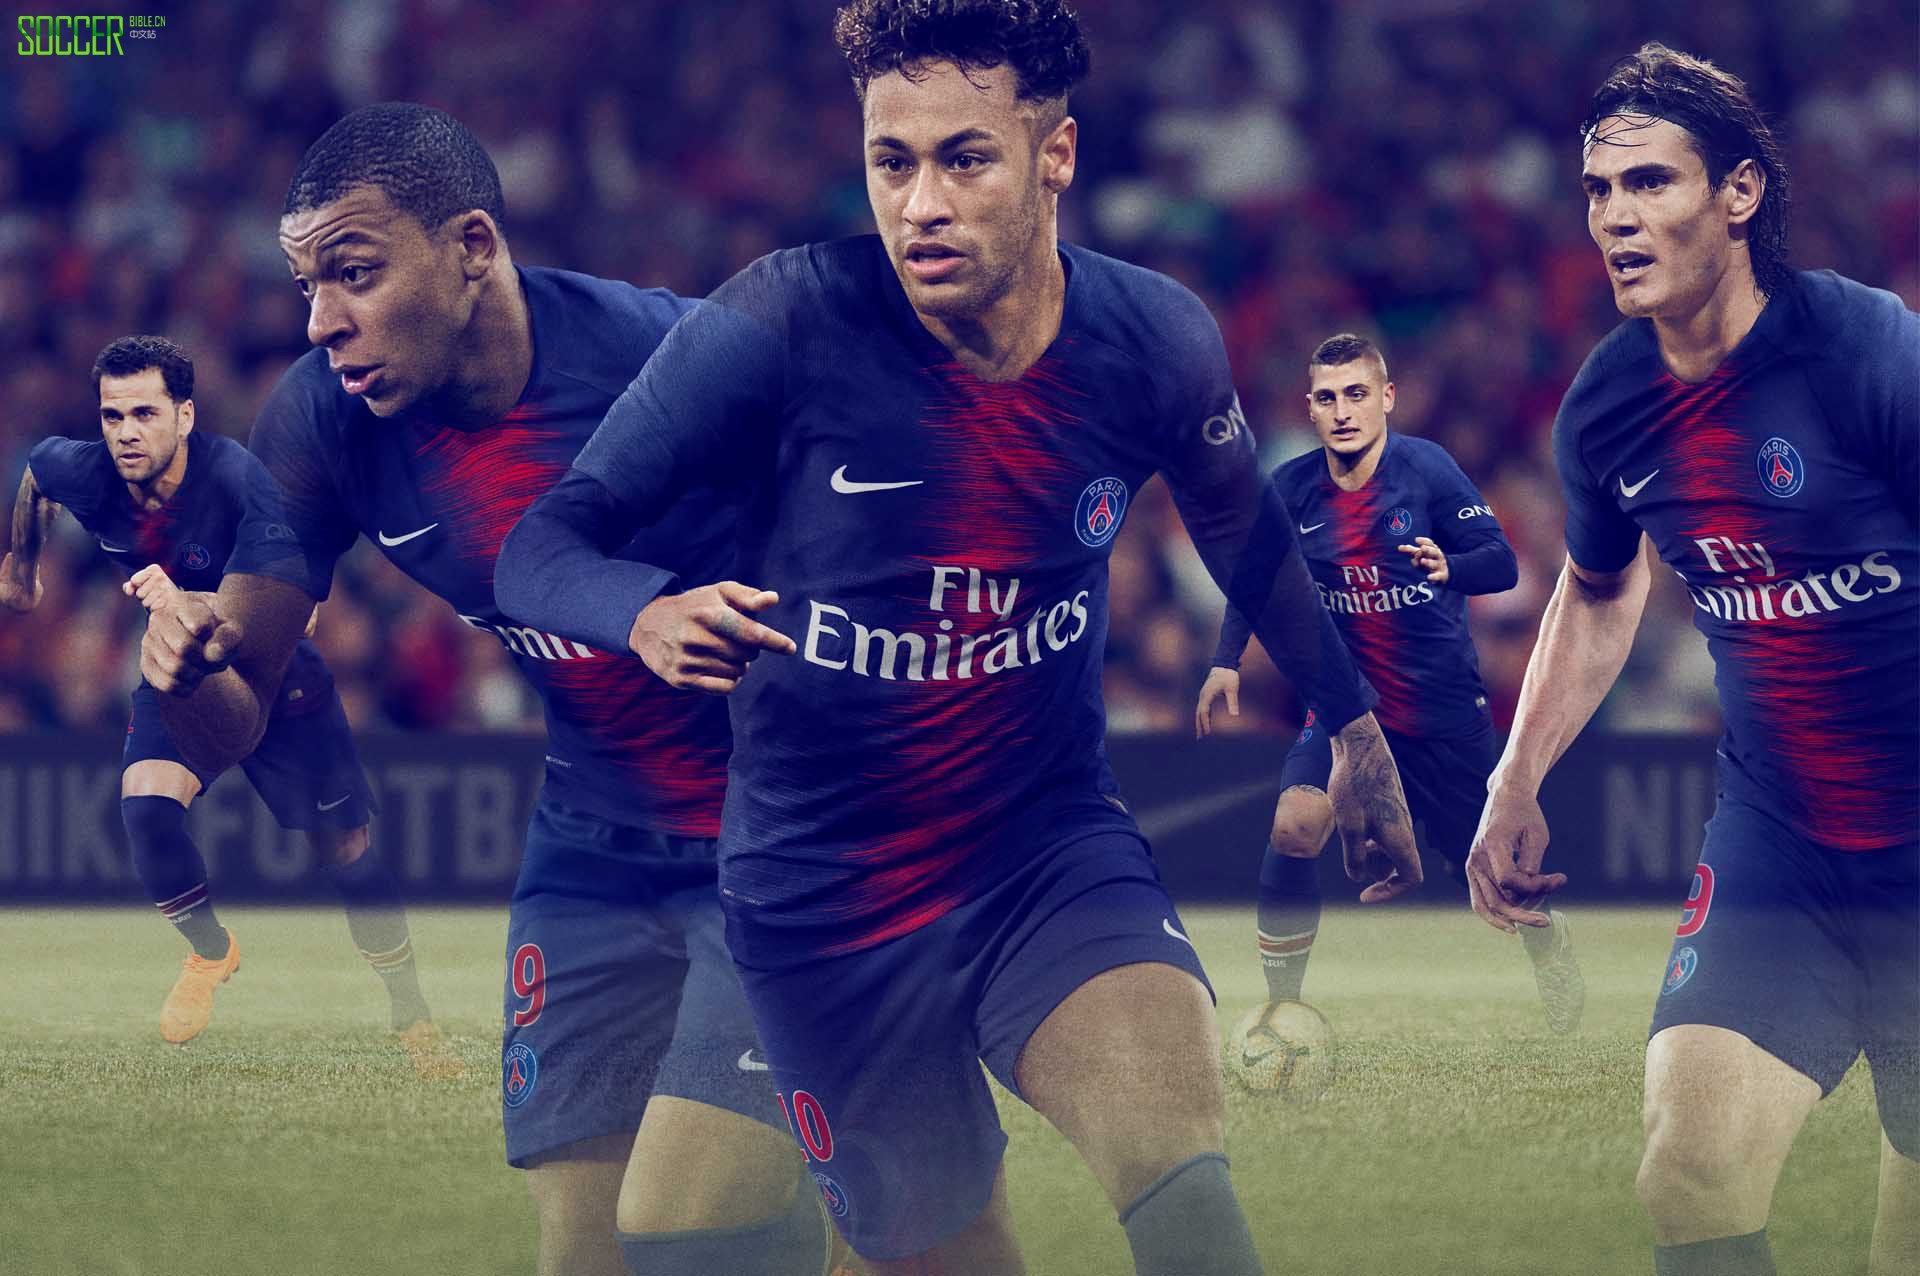 乐鱼体育播报:法甲联赛巴黎圣日尔曼VS蒙彼利埃前瞻